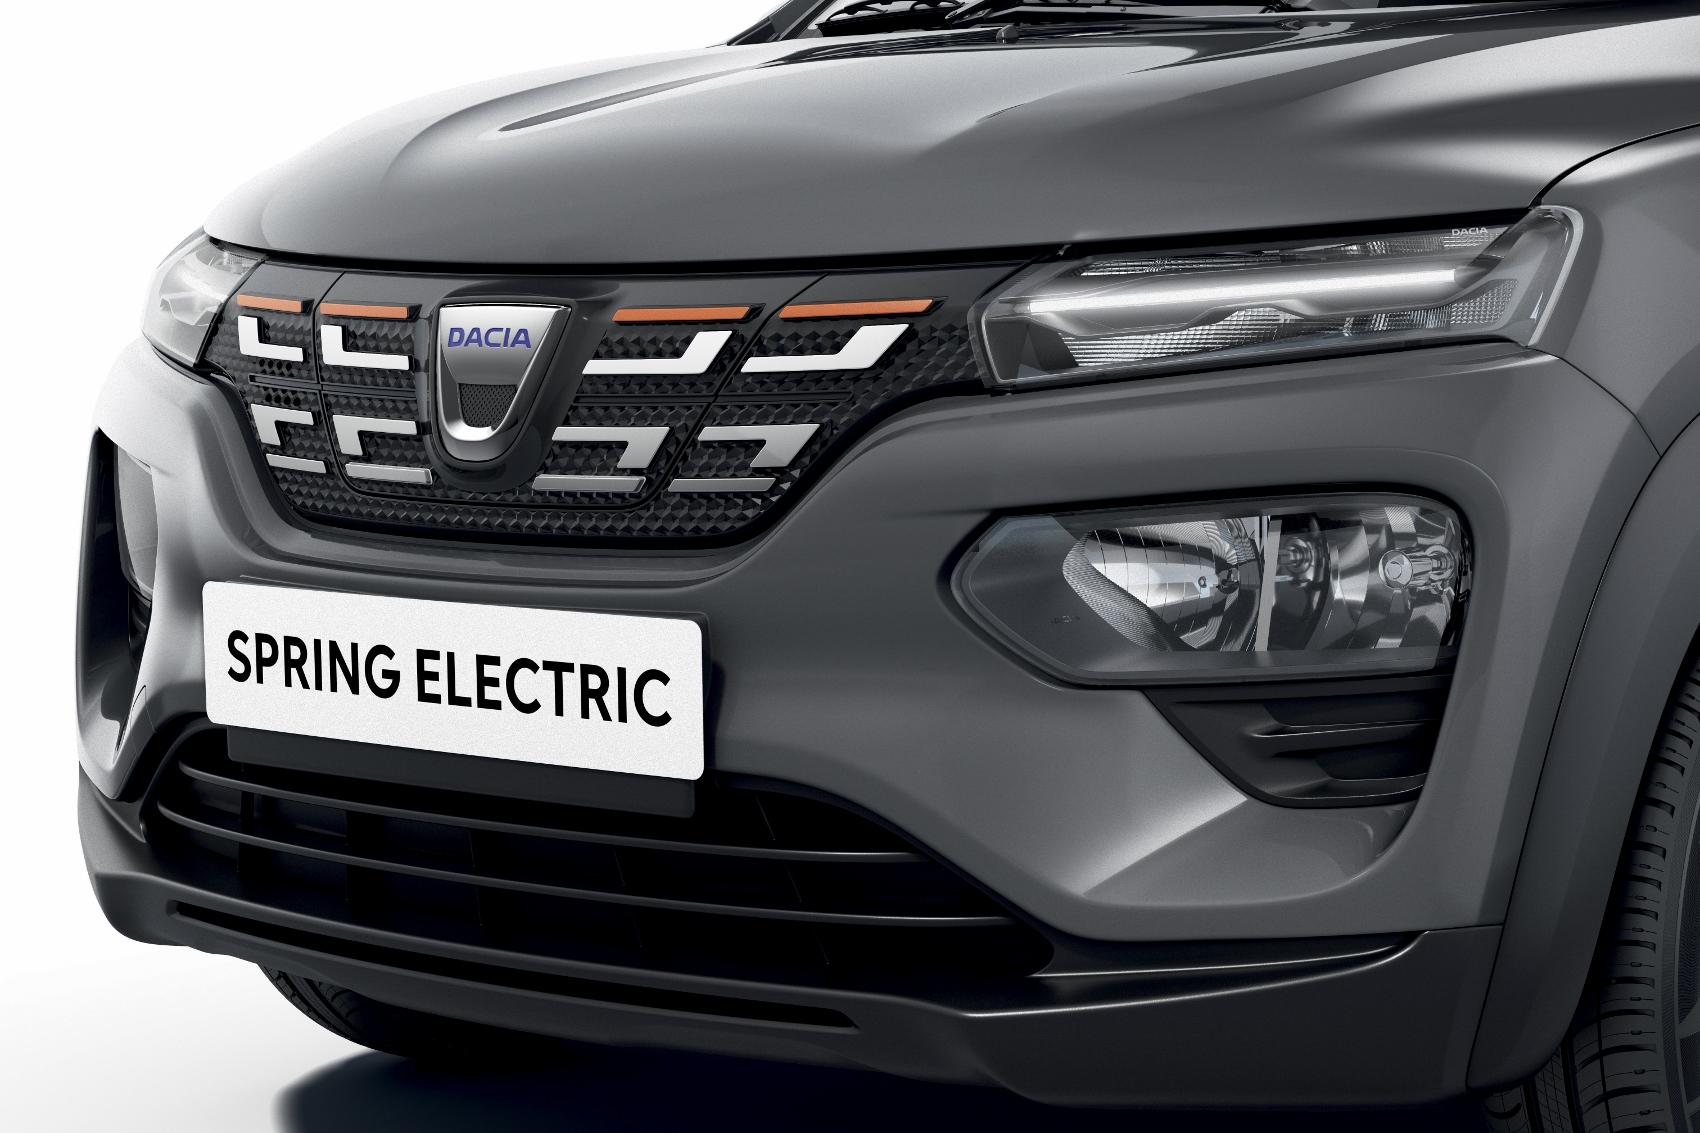 Nová elektrická Dacia Spring bude superlacná THwexQM7zW 2020-dacia-spring-6-1700x1133